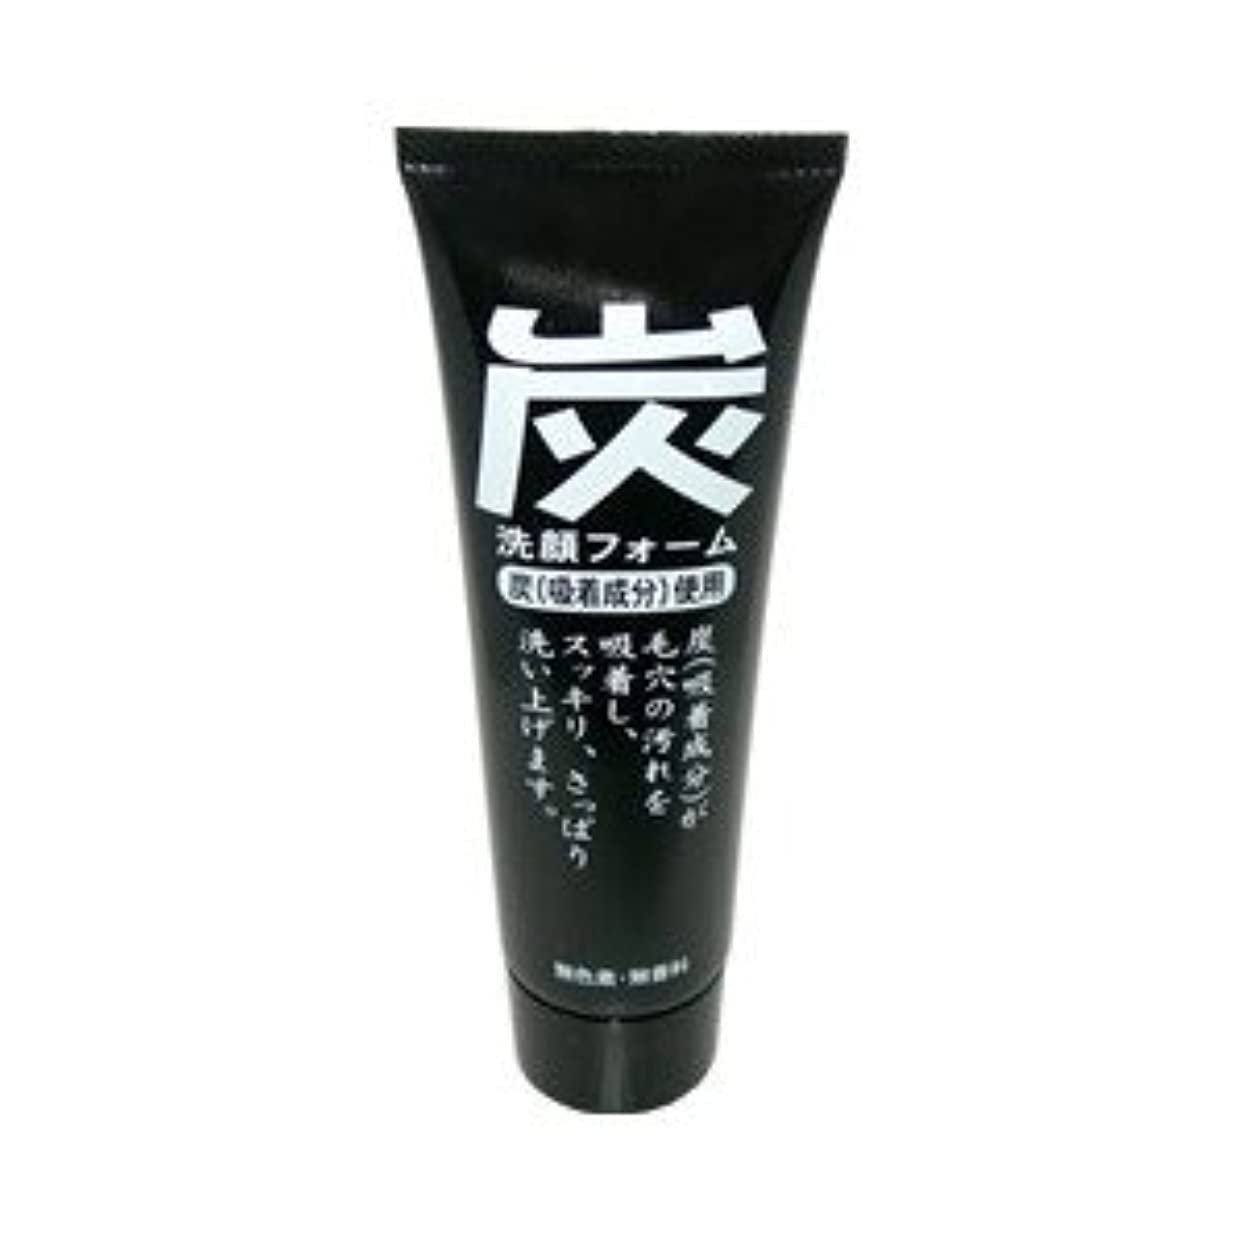 ジュン?コスメティック 炭洗顔フォーム 120g×48点セット (4964653100967)